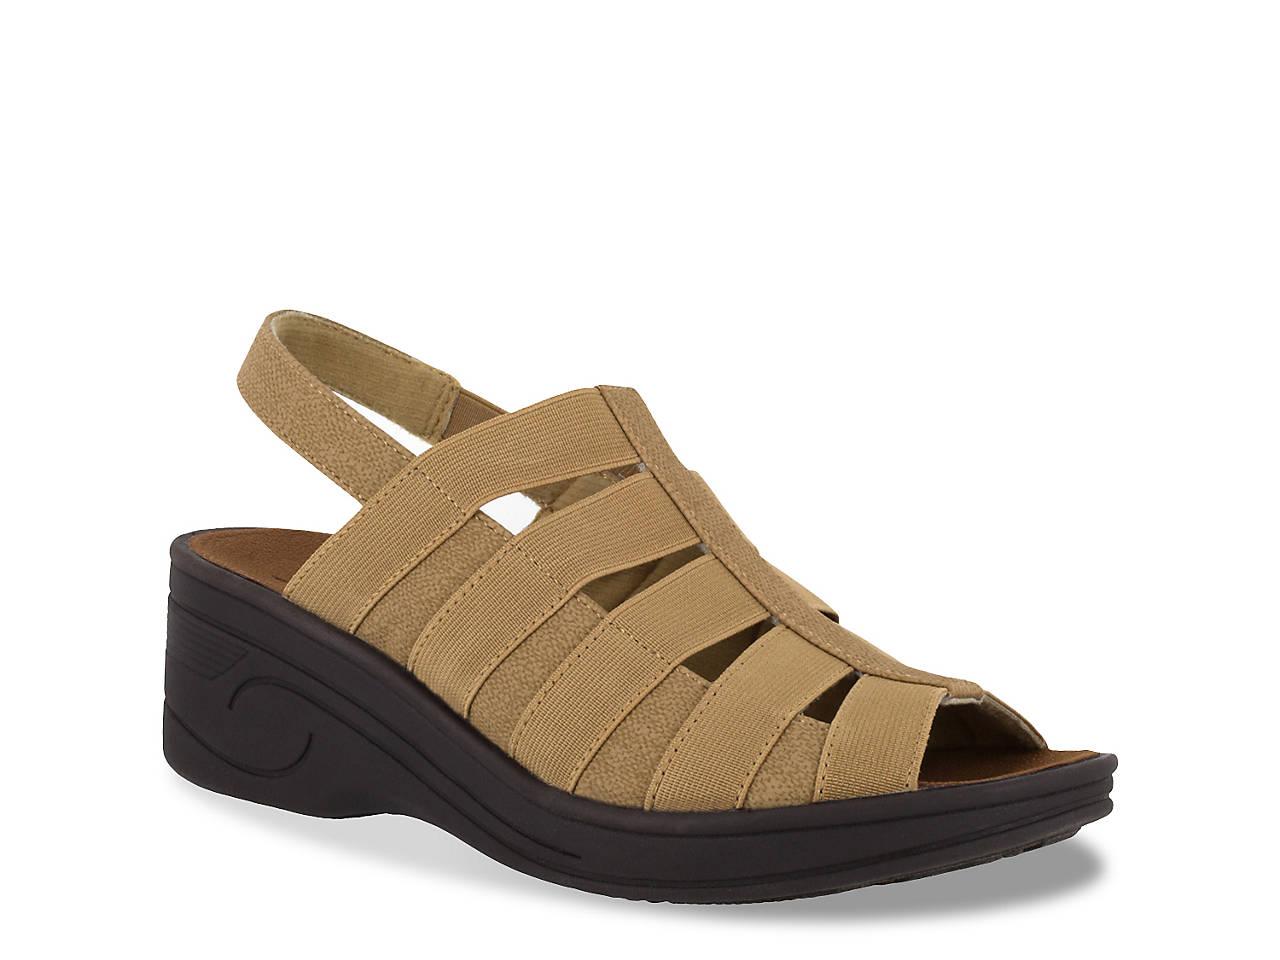 b7de91413d44 Easy Street Floaty Wedge Sandal Women s Shoes